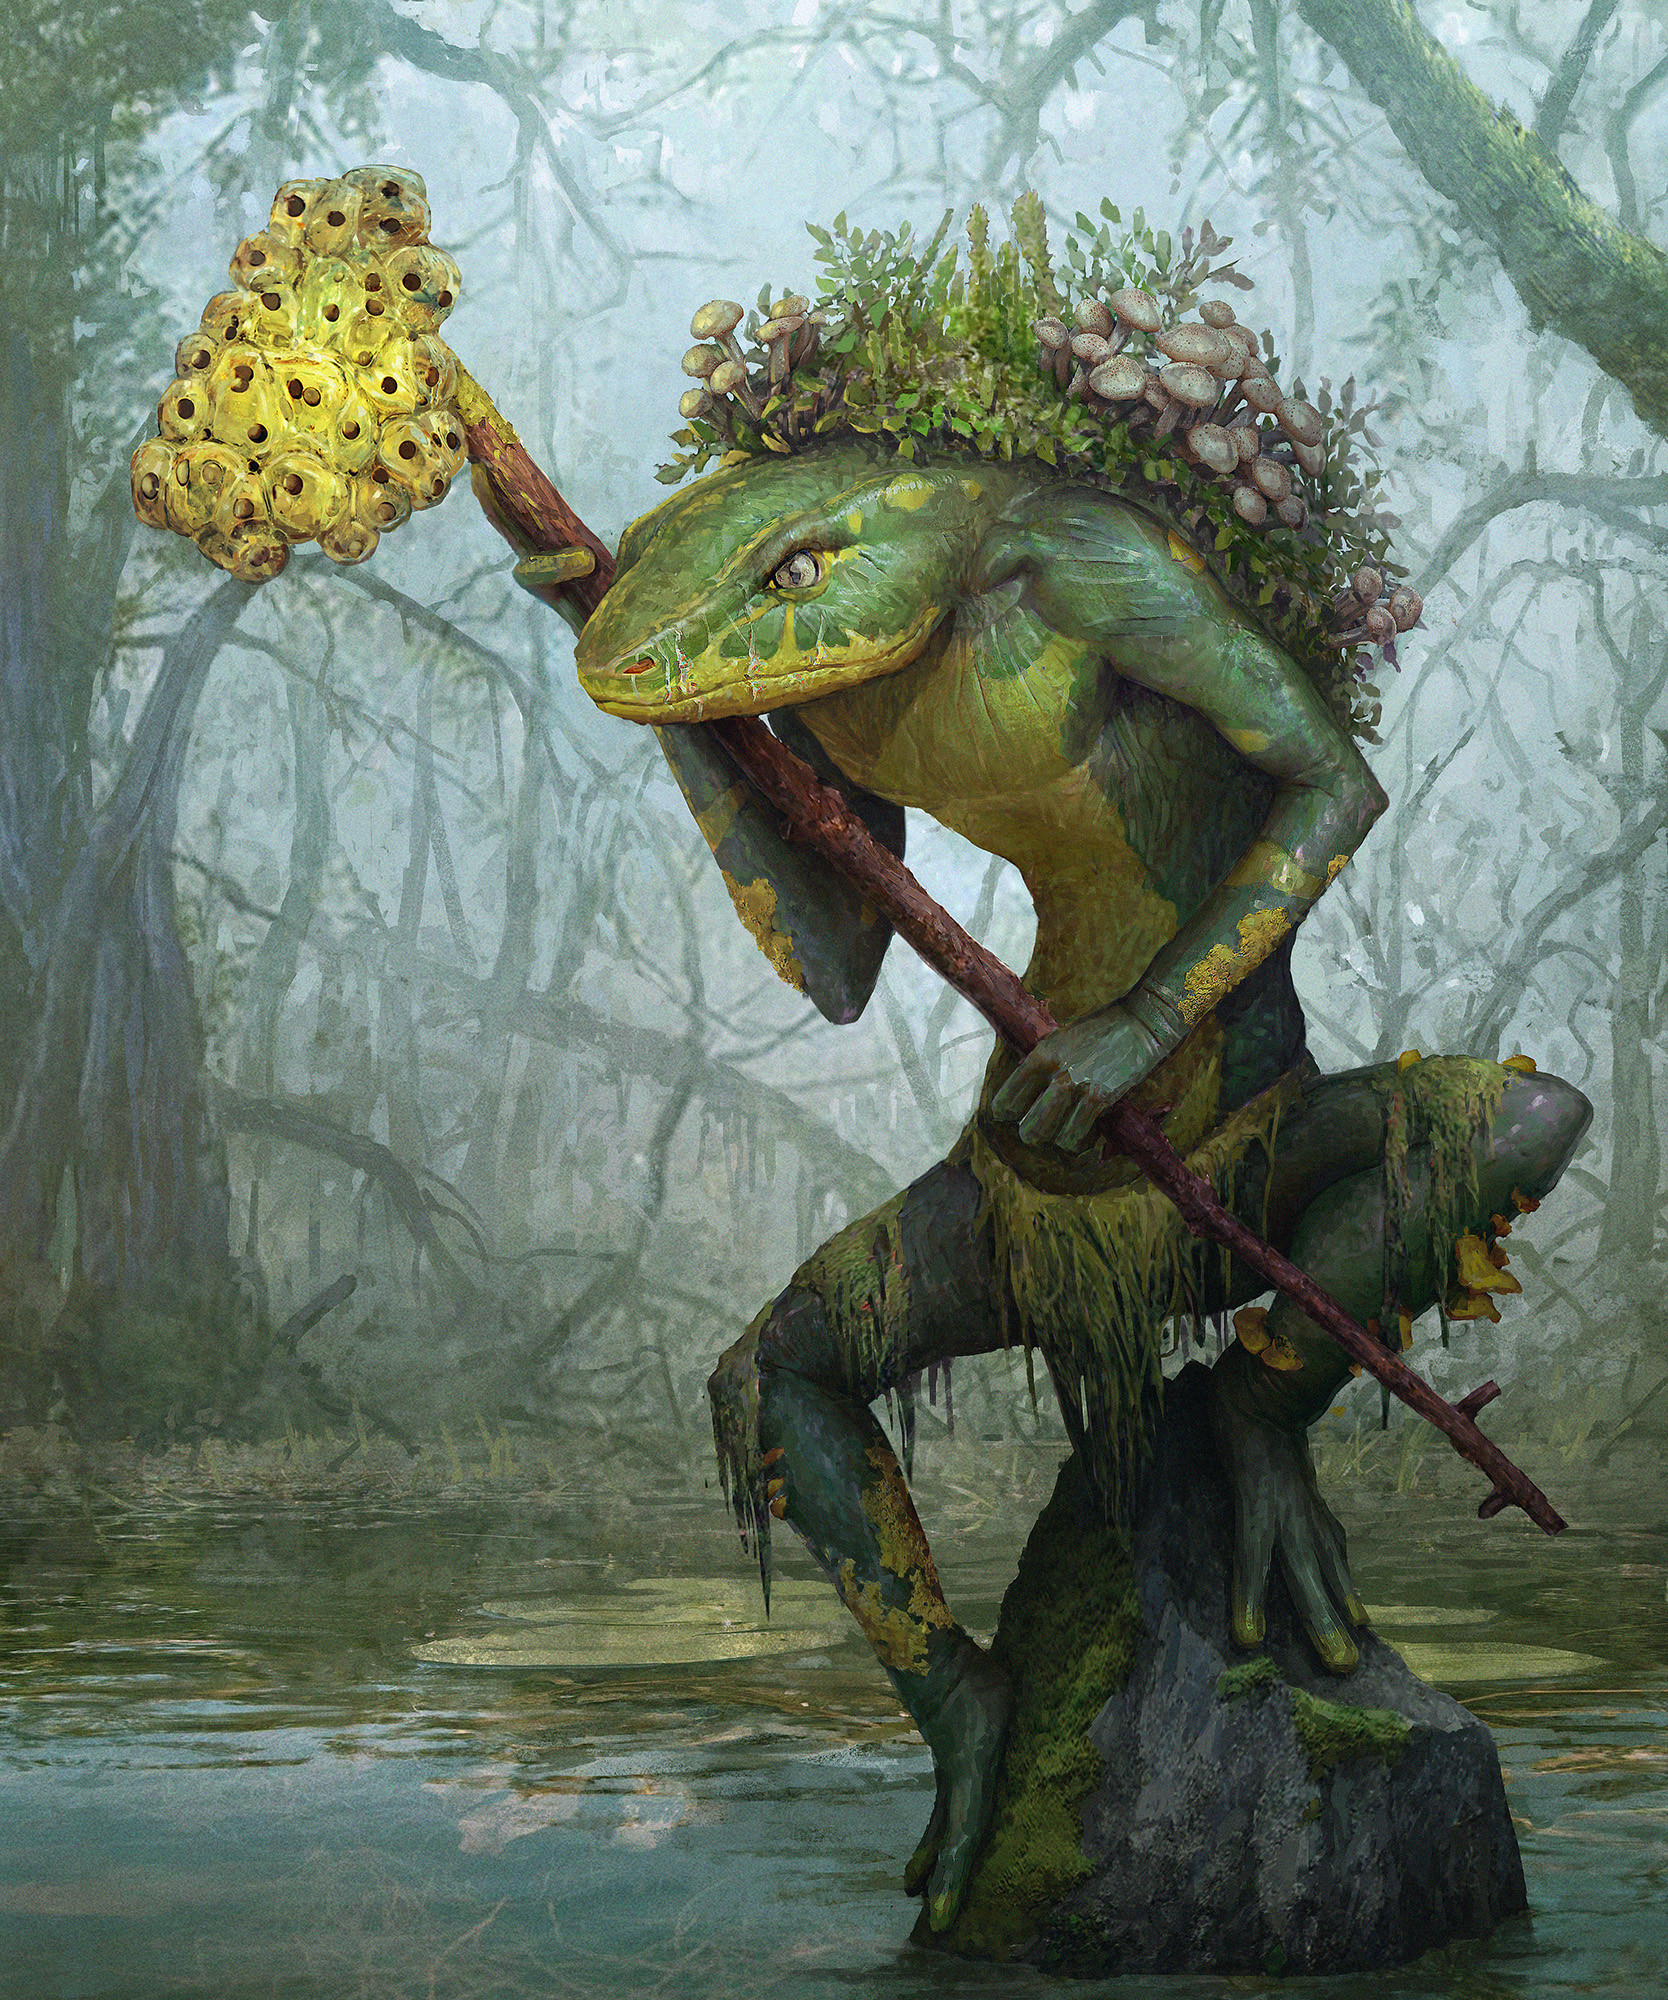 ArtStation Swamp Creature Oleg Kapustin